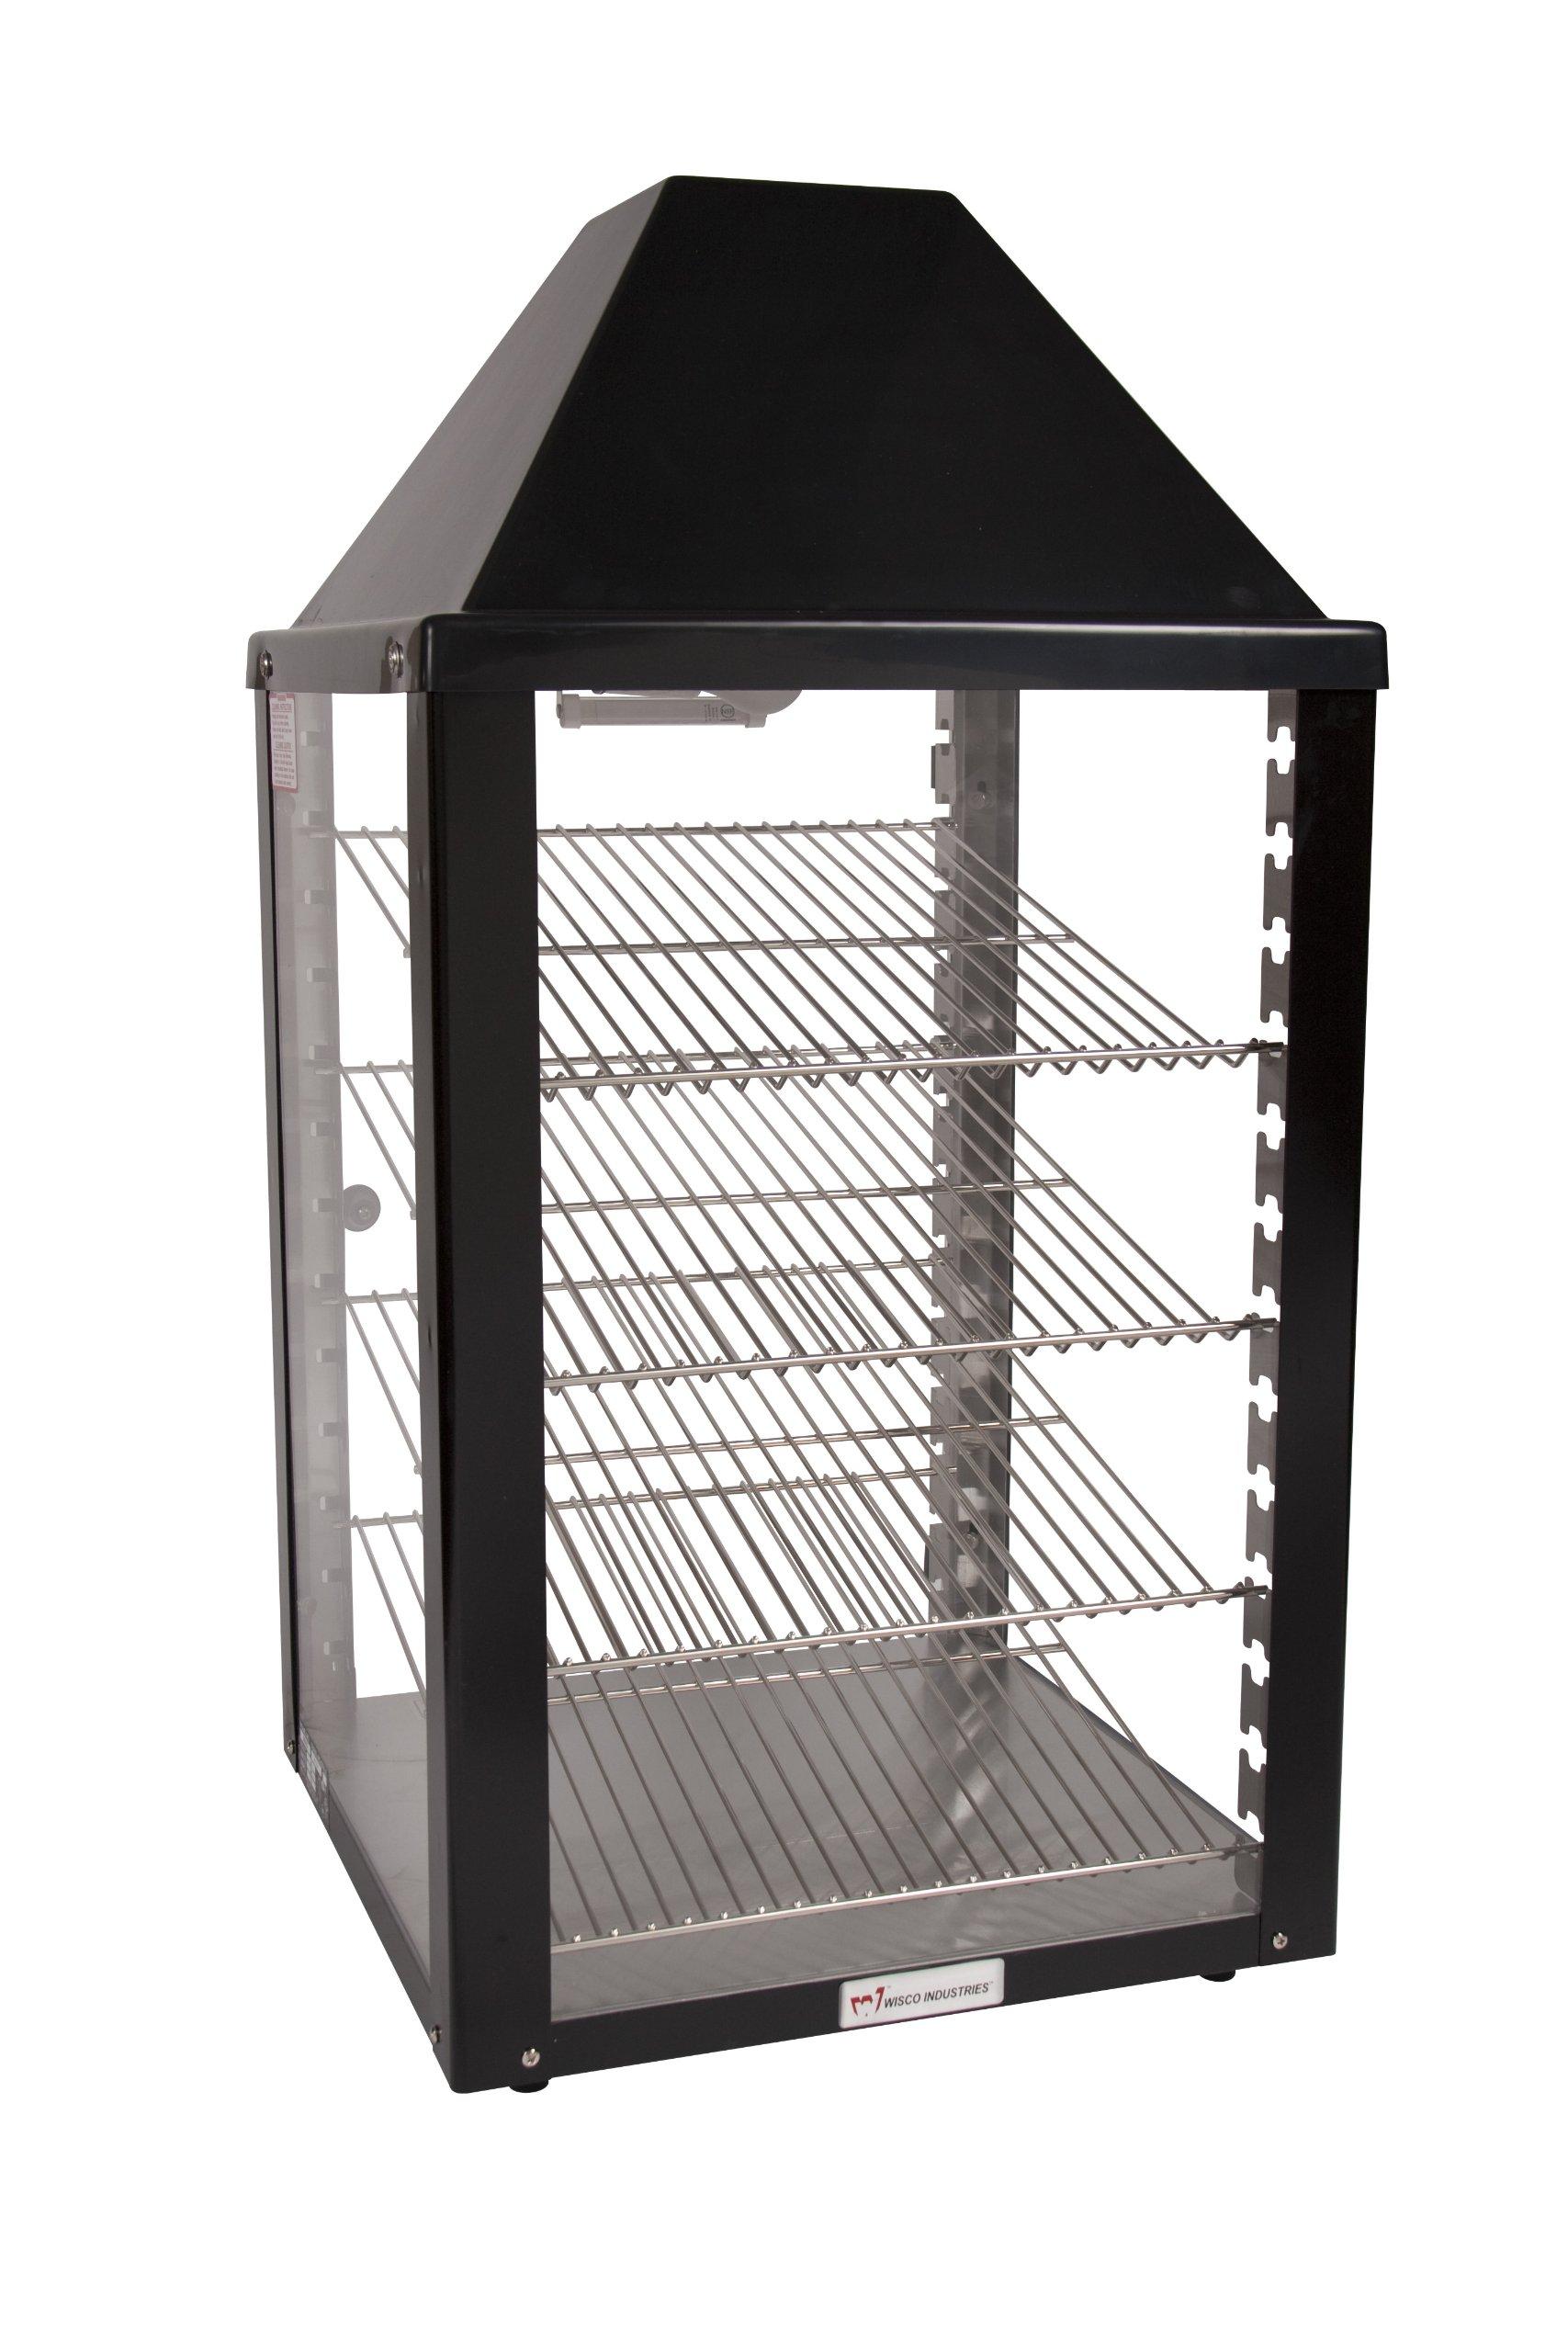 Wisco, 00690-25-2-001-BLK, Food Warming and Merchandising Cabinet, 2 Door Pass Thru, Black